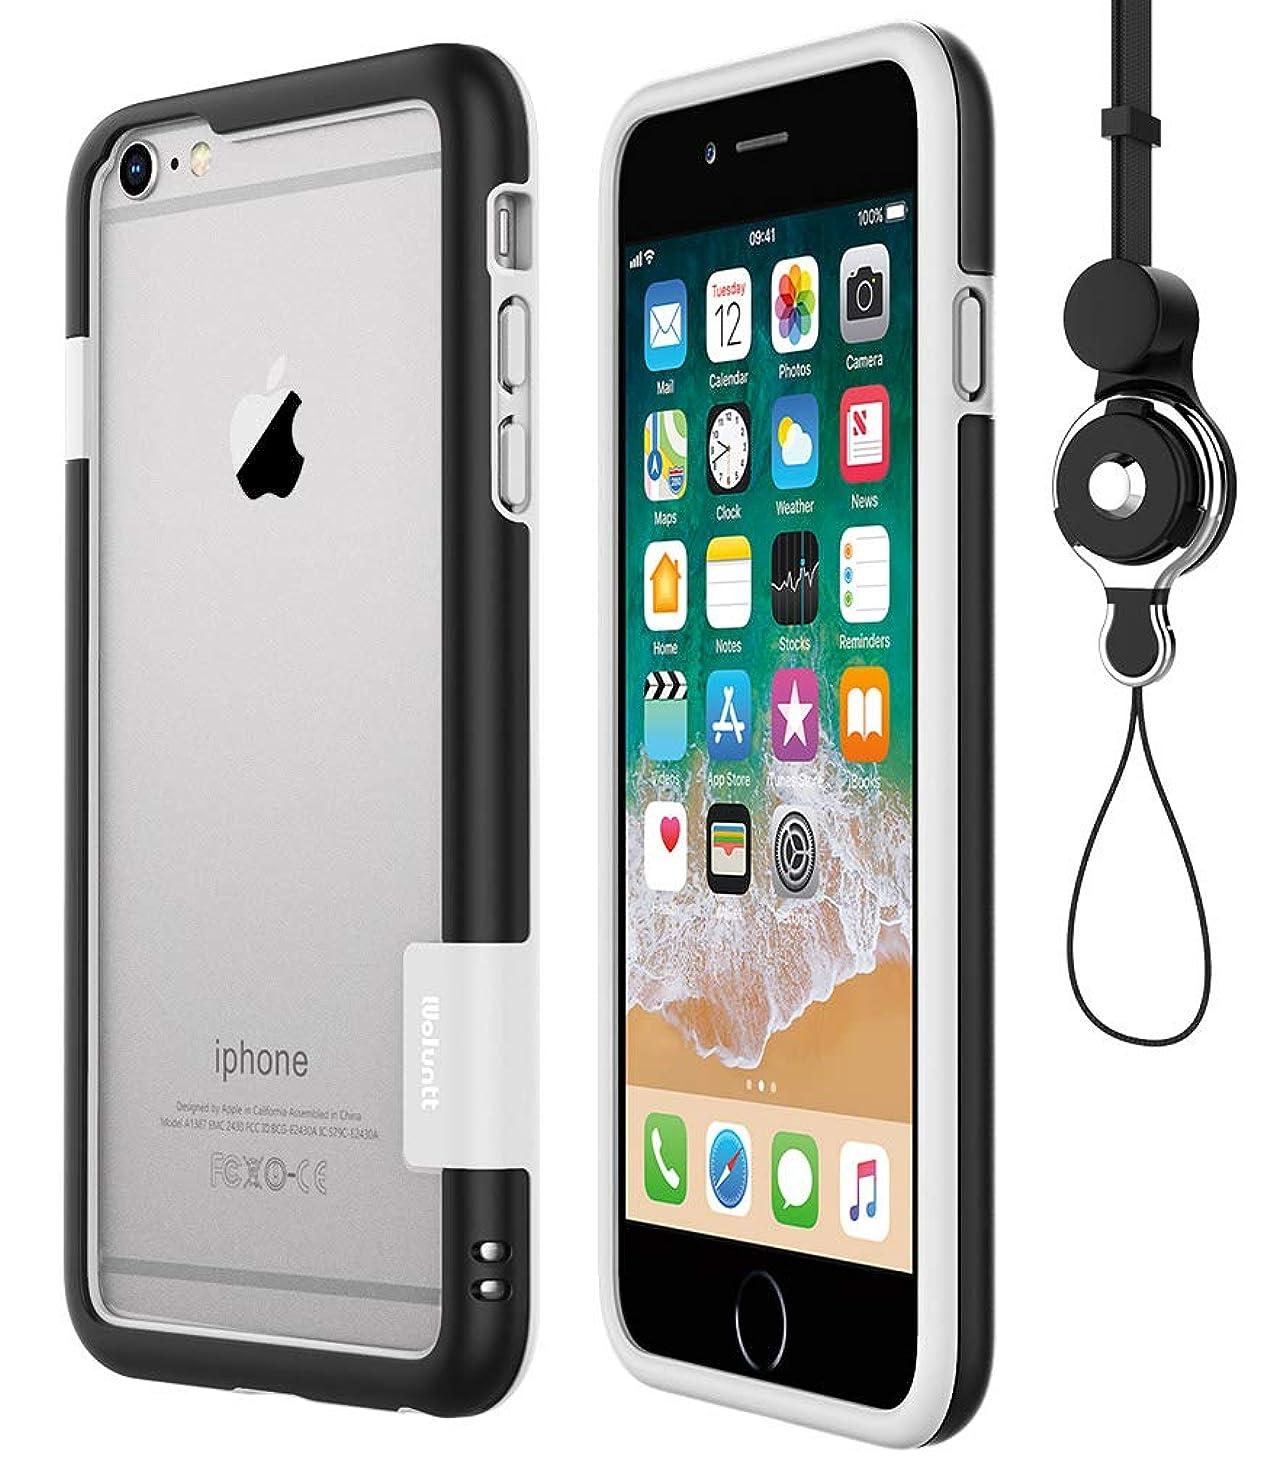 誓約誰キャプション[WOEXET] iPhone 6/iphone 6s用バンパーとストラップセット ストラップ付きケース カラビナ 落下防止 モバイル 携帯ストラップ ネックストラップ スマホ用ストラップ ブラック